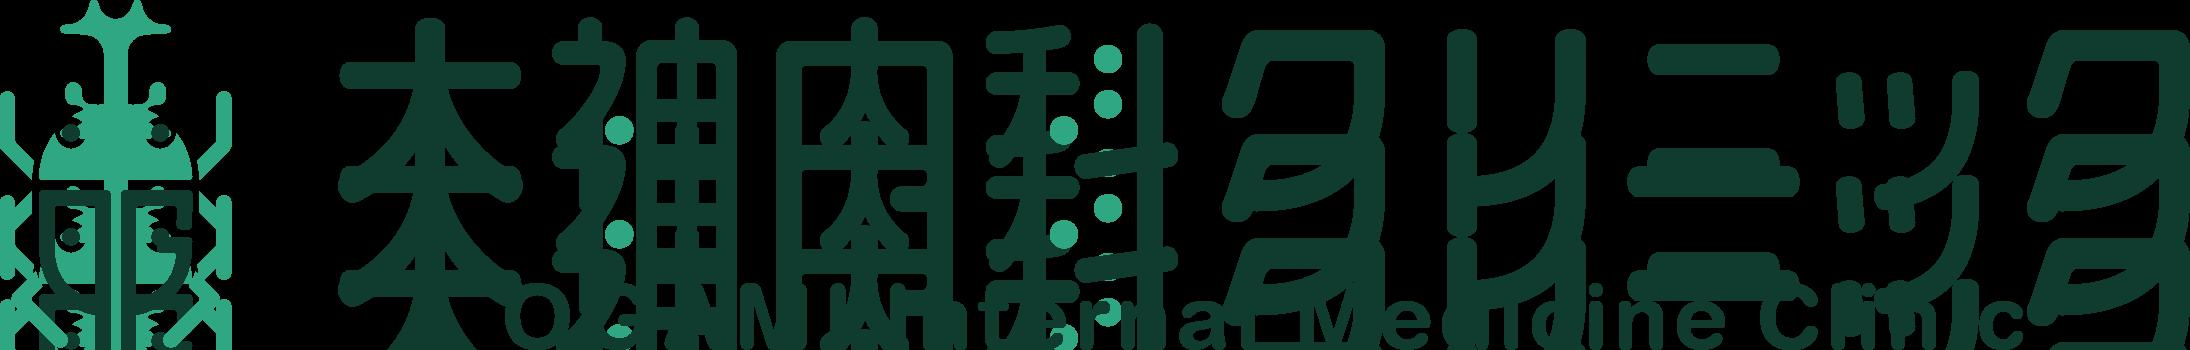 病院/クリニック/治療院/薬局と親しみ/優しいと黒のロゴ